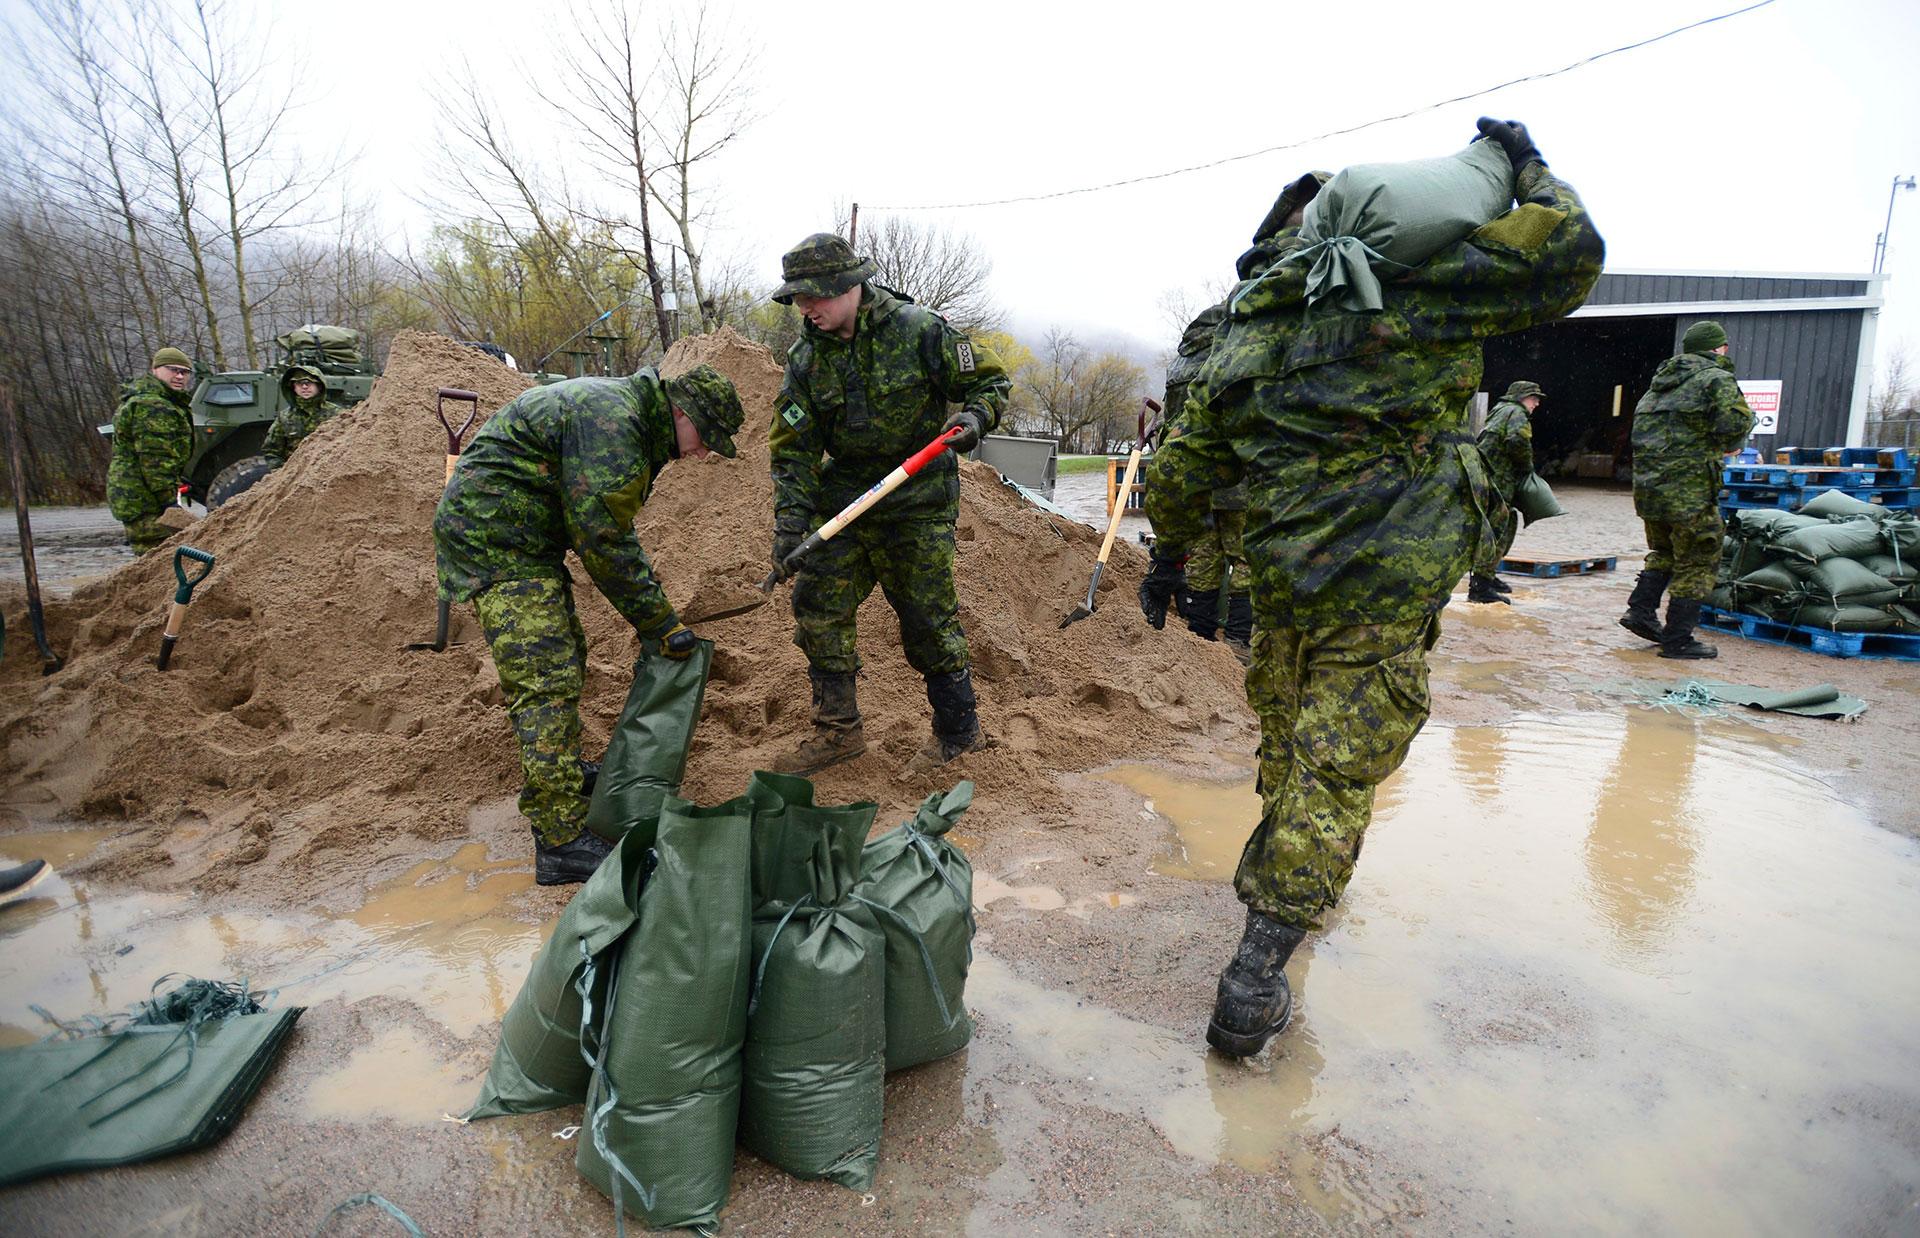 Al comienzo de las inundaciones fueron desplegados 400 soldados, pero luego el número aumentó a 1200 por la gravedad del fenómeno (AP)